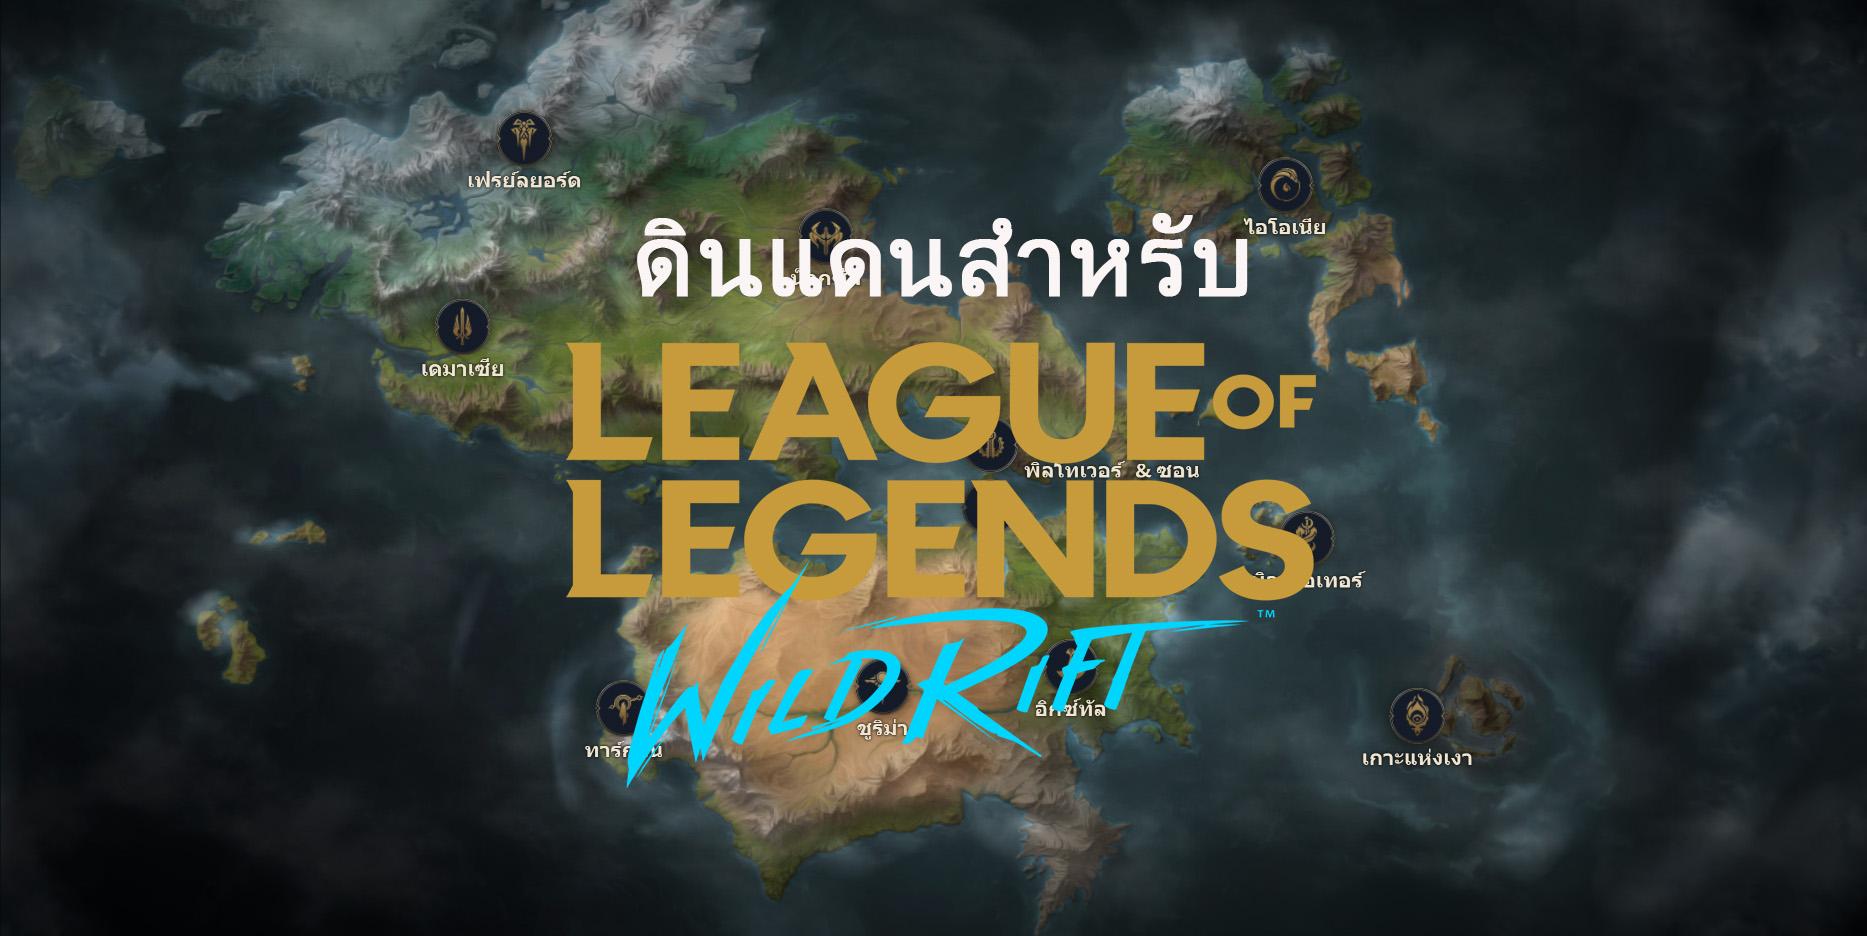 การแนะนำดินแดนของ League of Legends: Wil...